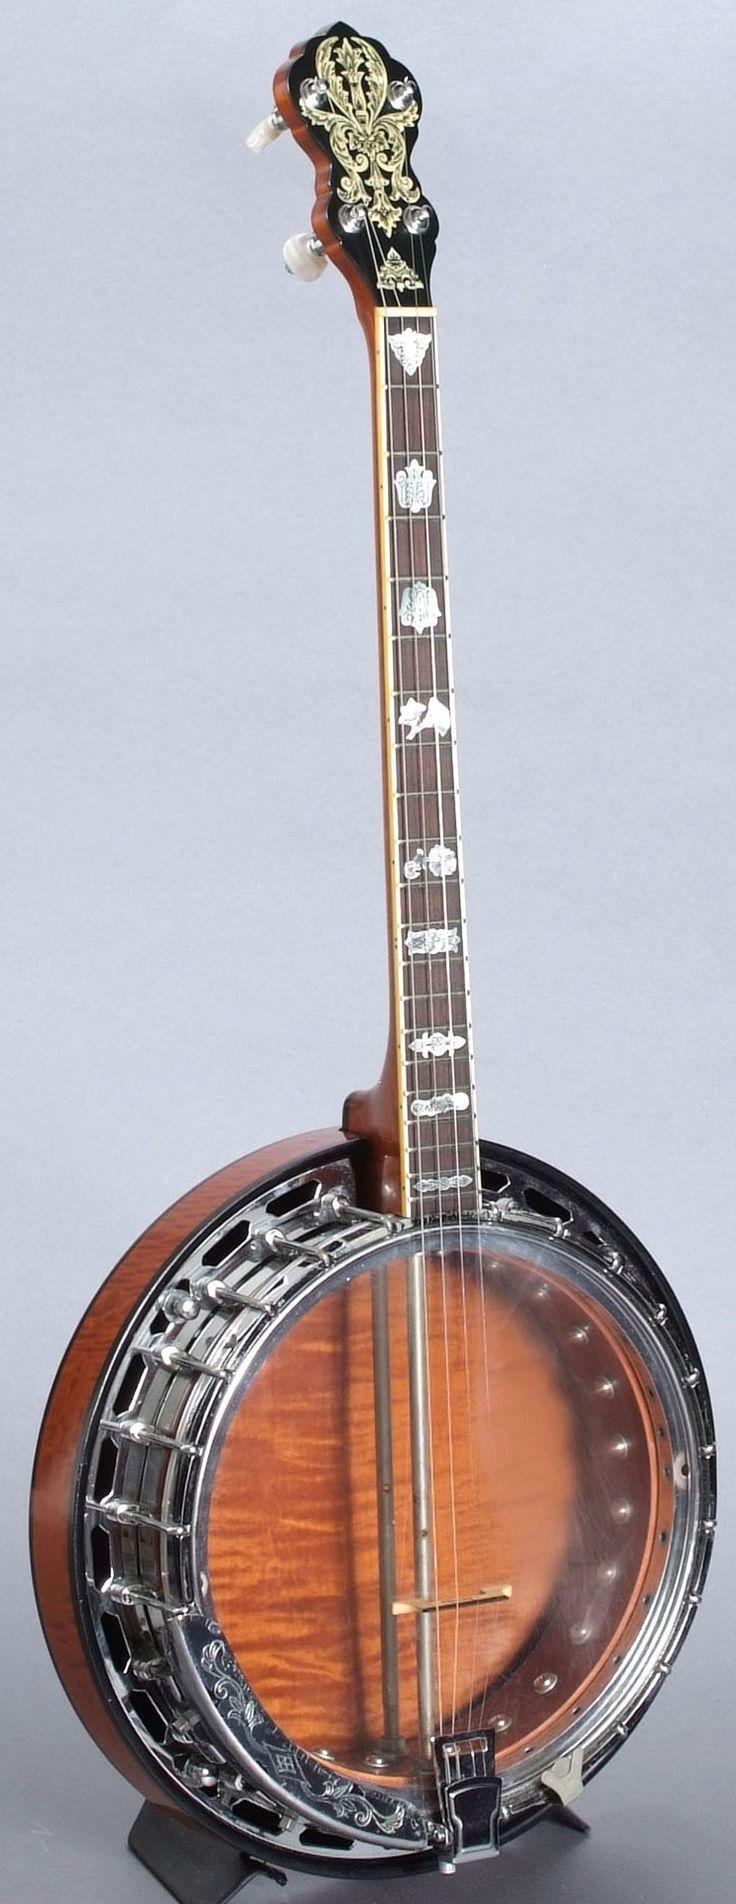 1970s Vega Tenor Banjo